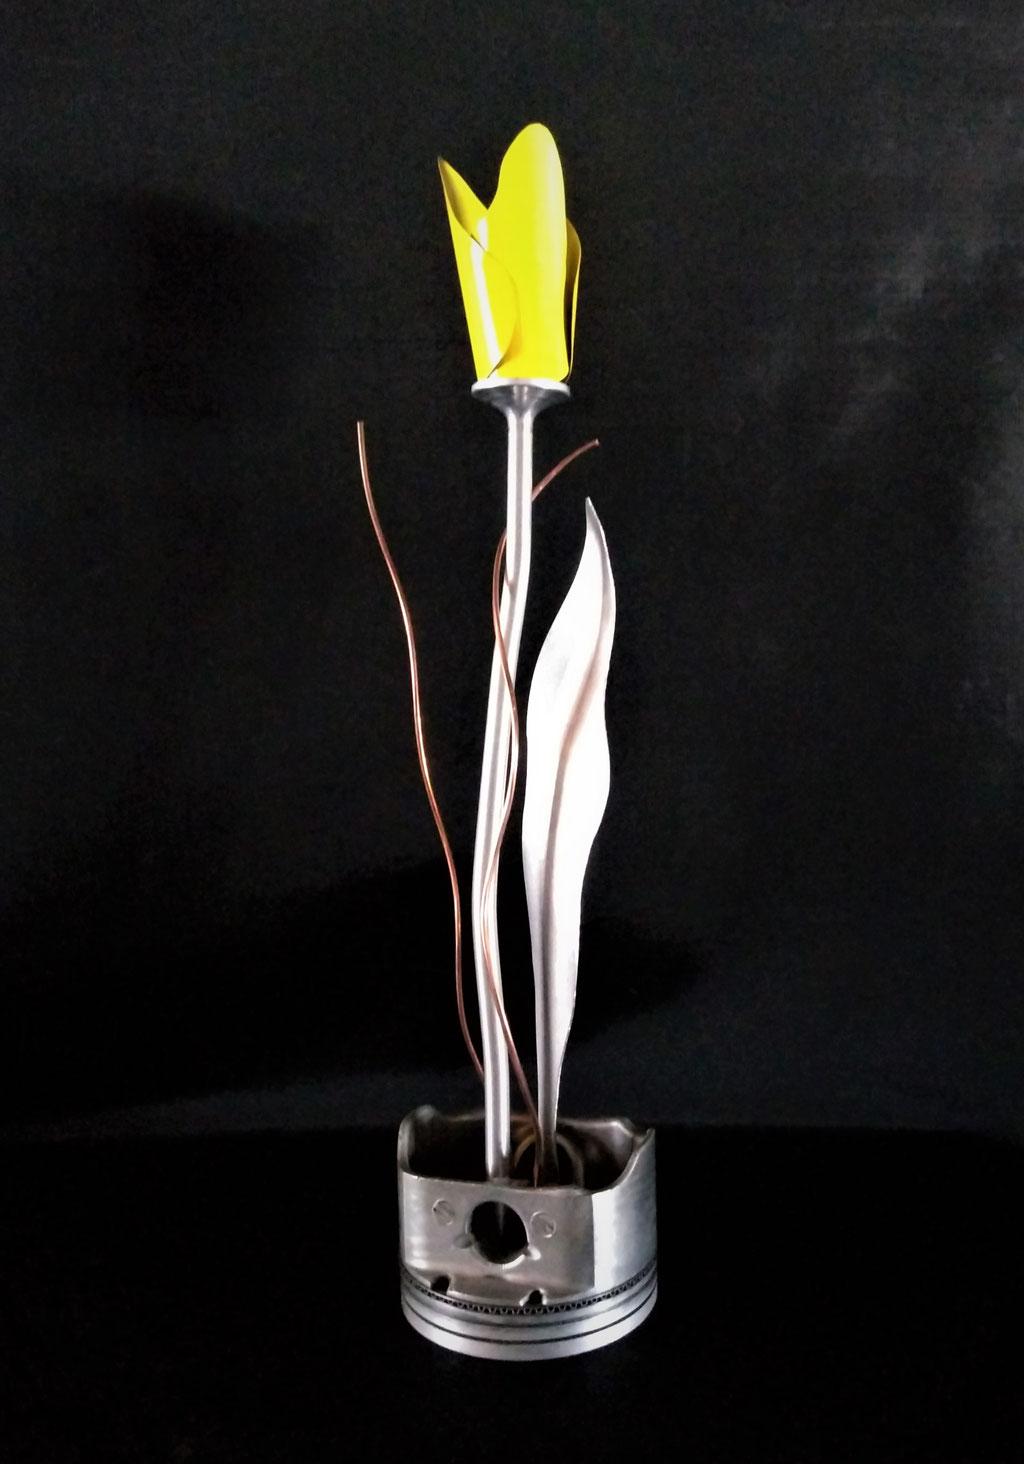 """Tulipe piston jaune, Aluminium, piston  recyclé, 20"""" H x 4"""" dia, 2019, $80.00"""